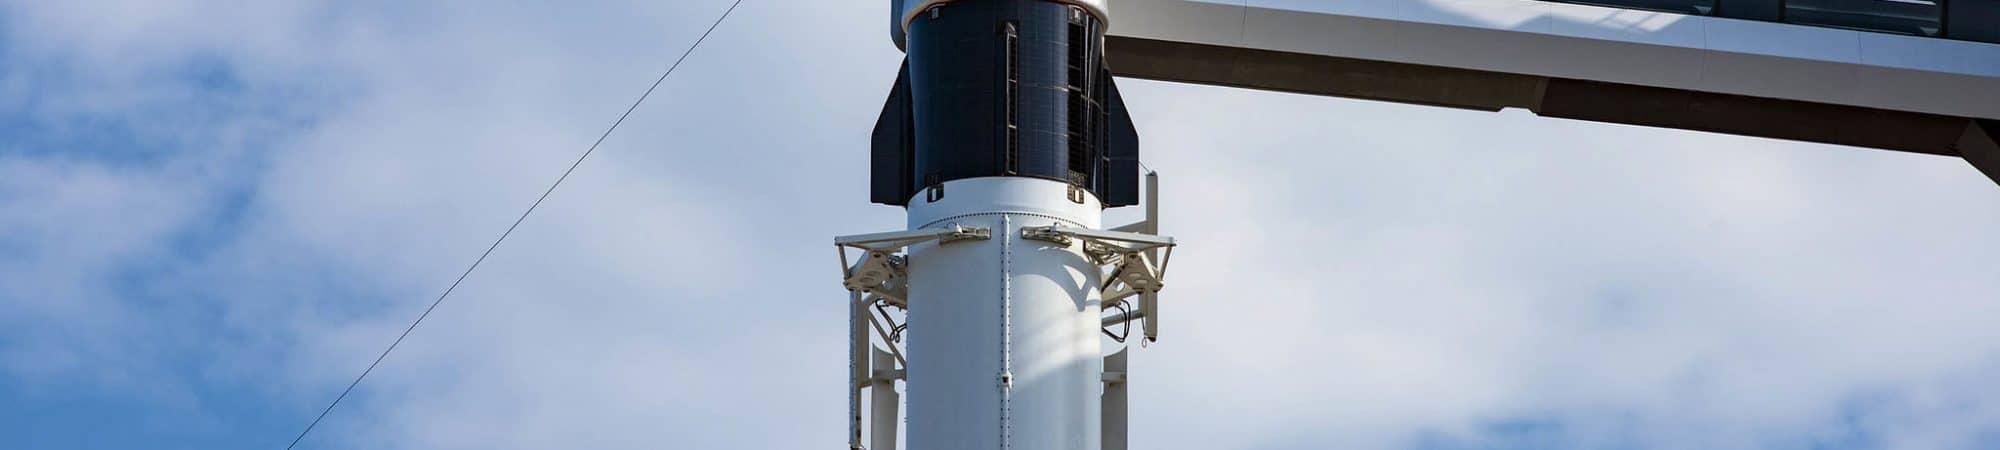 Imagem mostra a espaçonave Dragon, montada em um foguete da SpaceX, pronta para lançamento